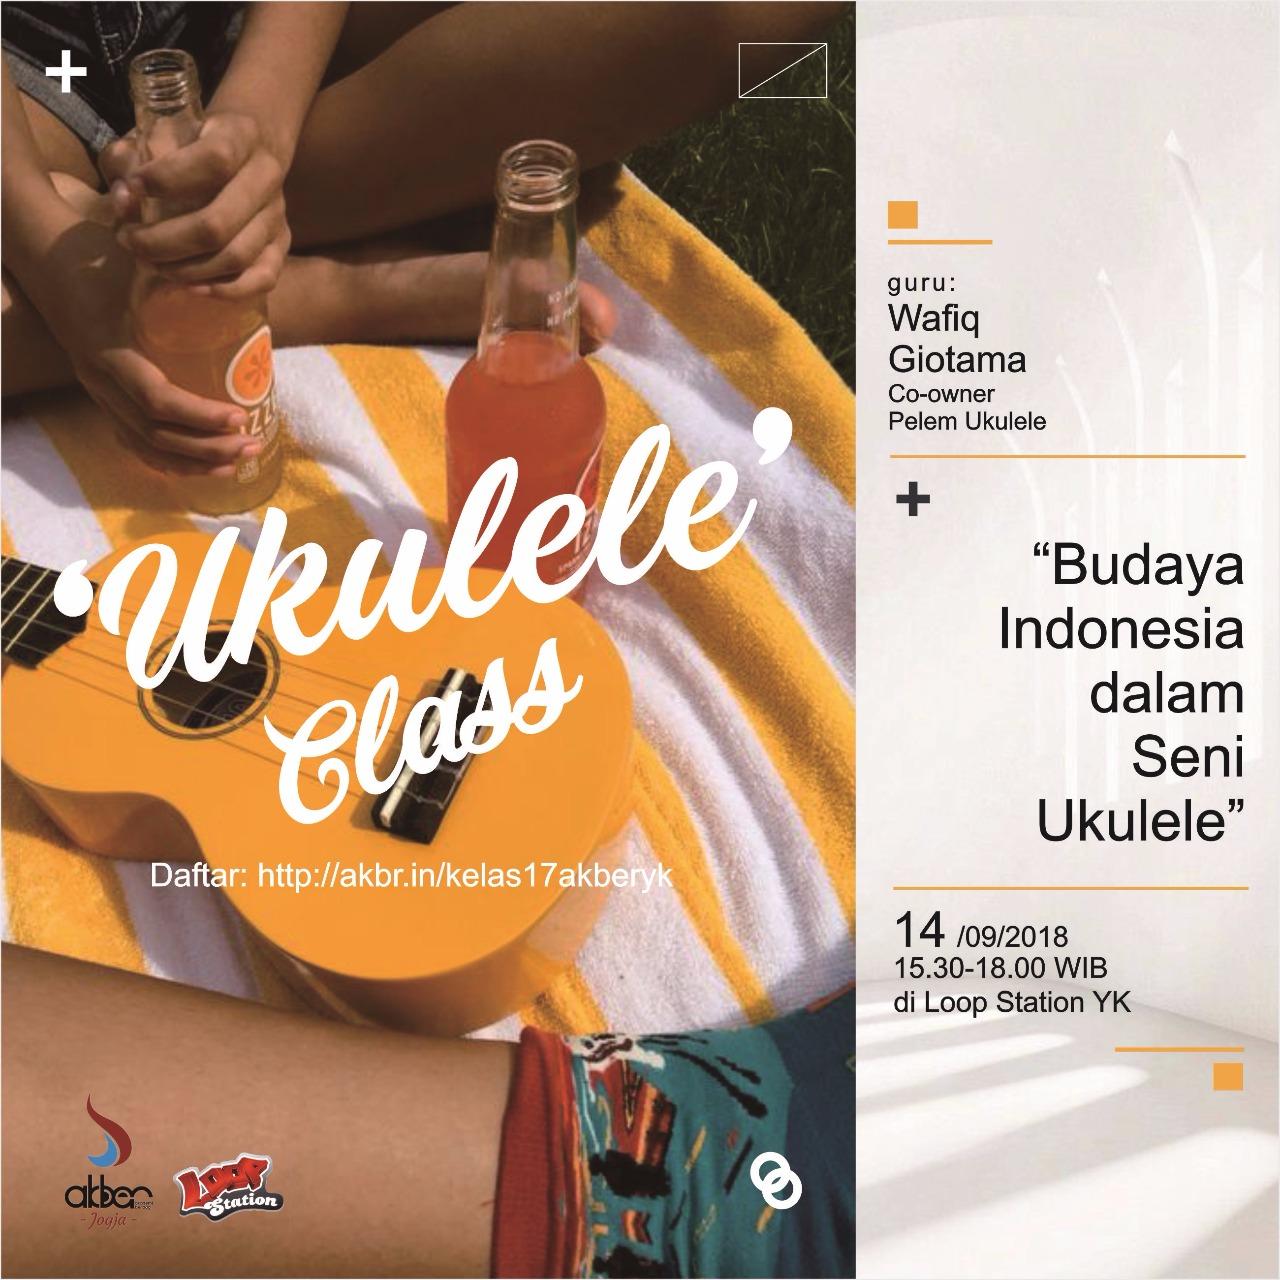 Jogja: Budaya Indonesia dalam Seni Ukulele